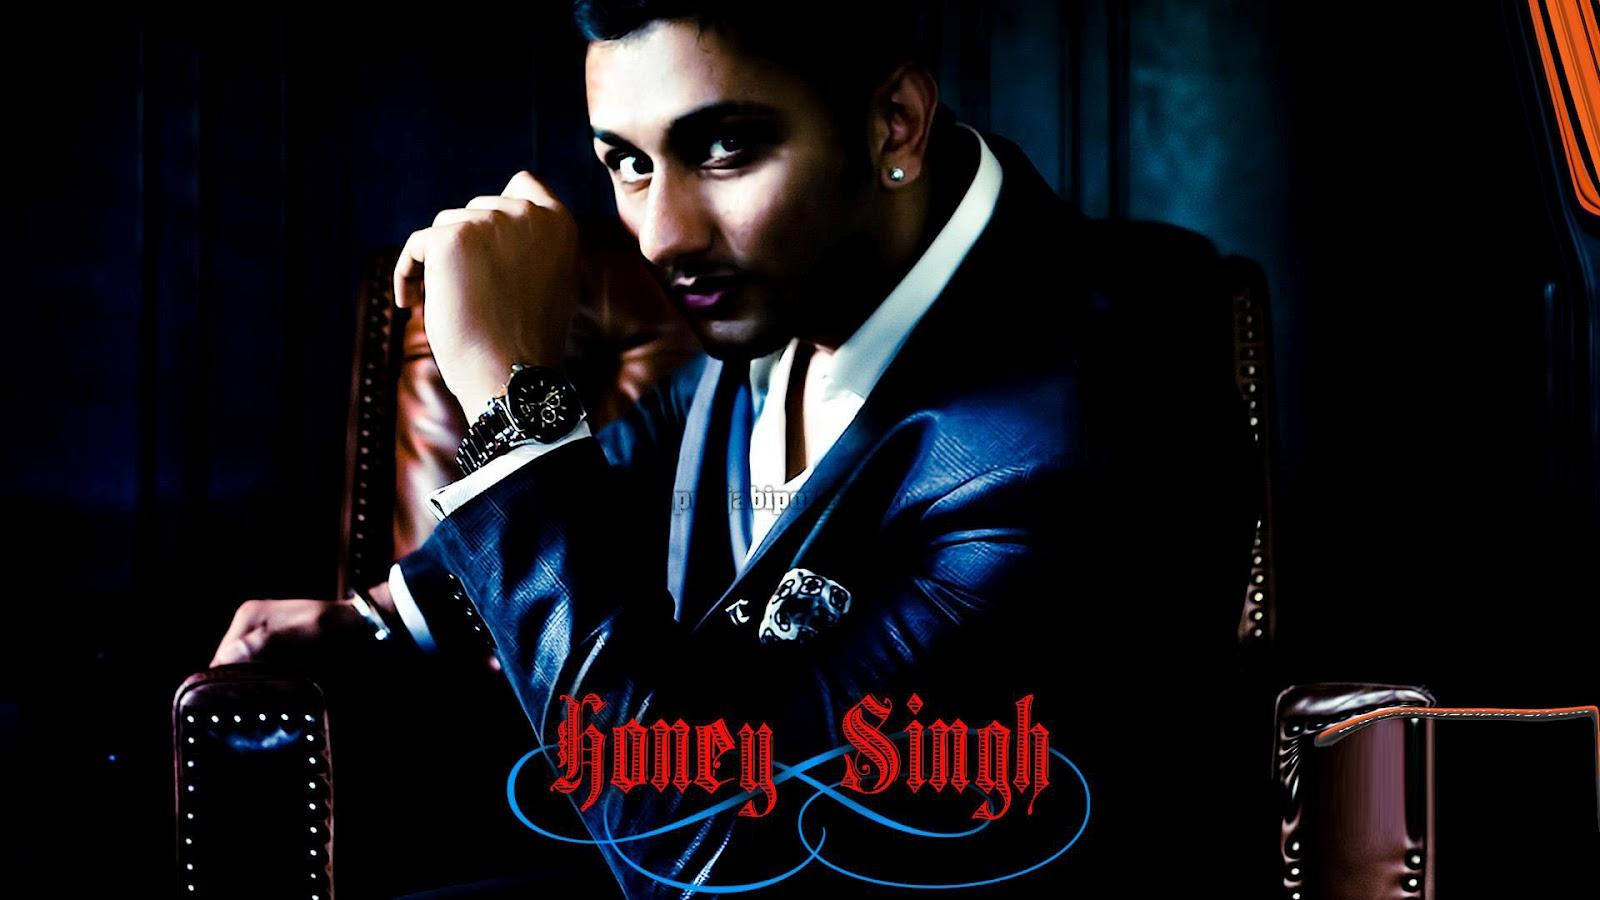 pic new posts: Yo Yo Honey Singh Hd Wallpaper  pic new posts: ...